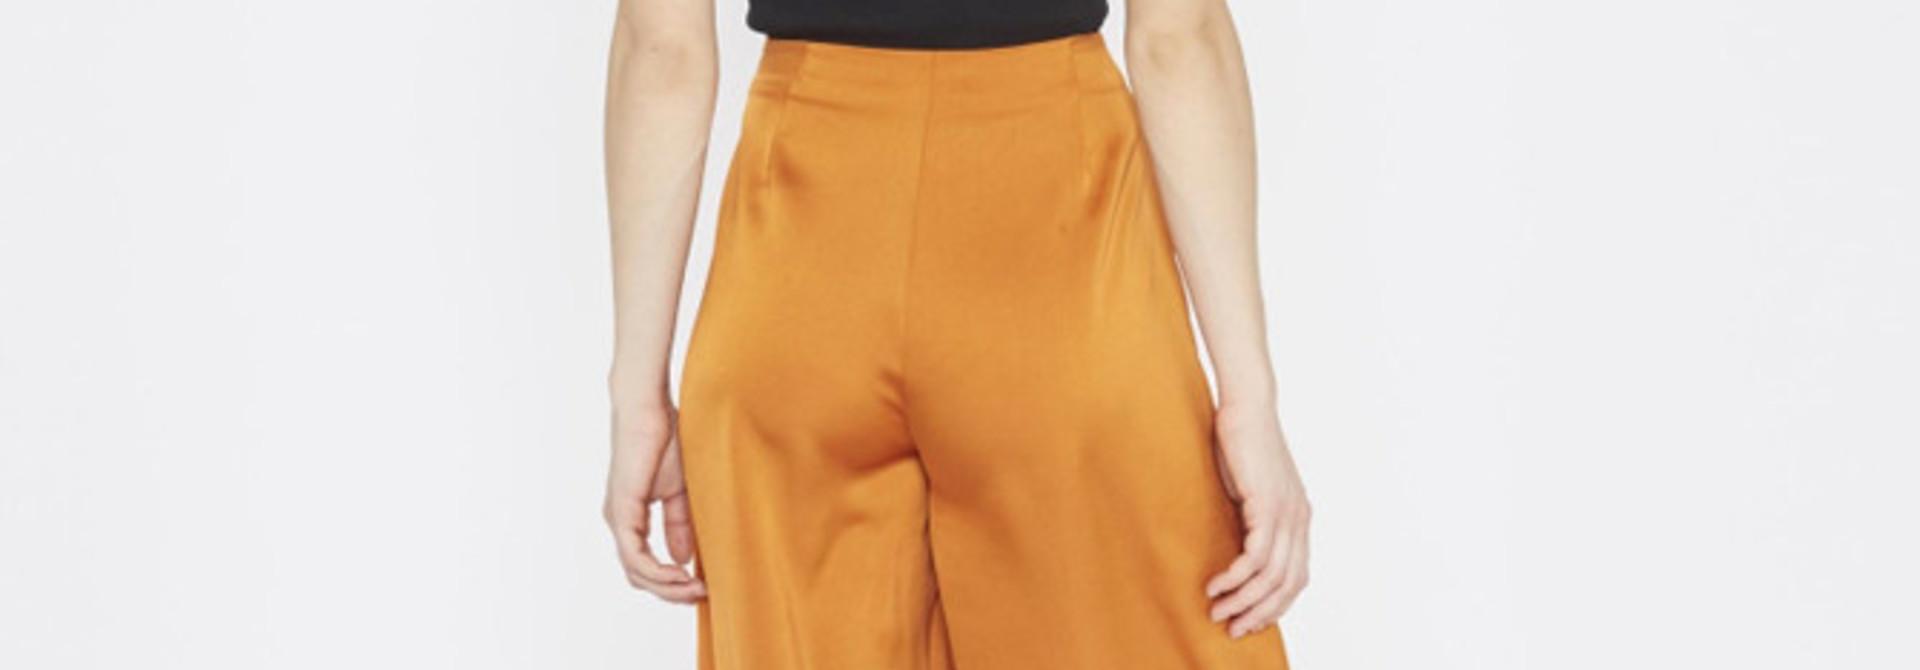 Tuttifrutti wide pant Copper Orange